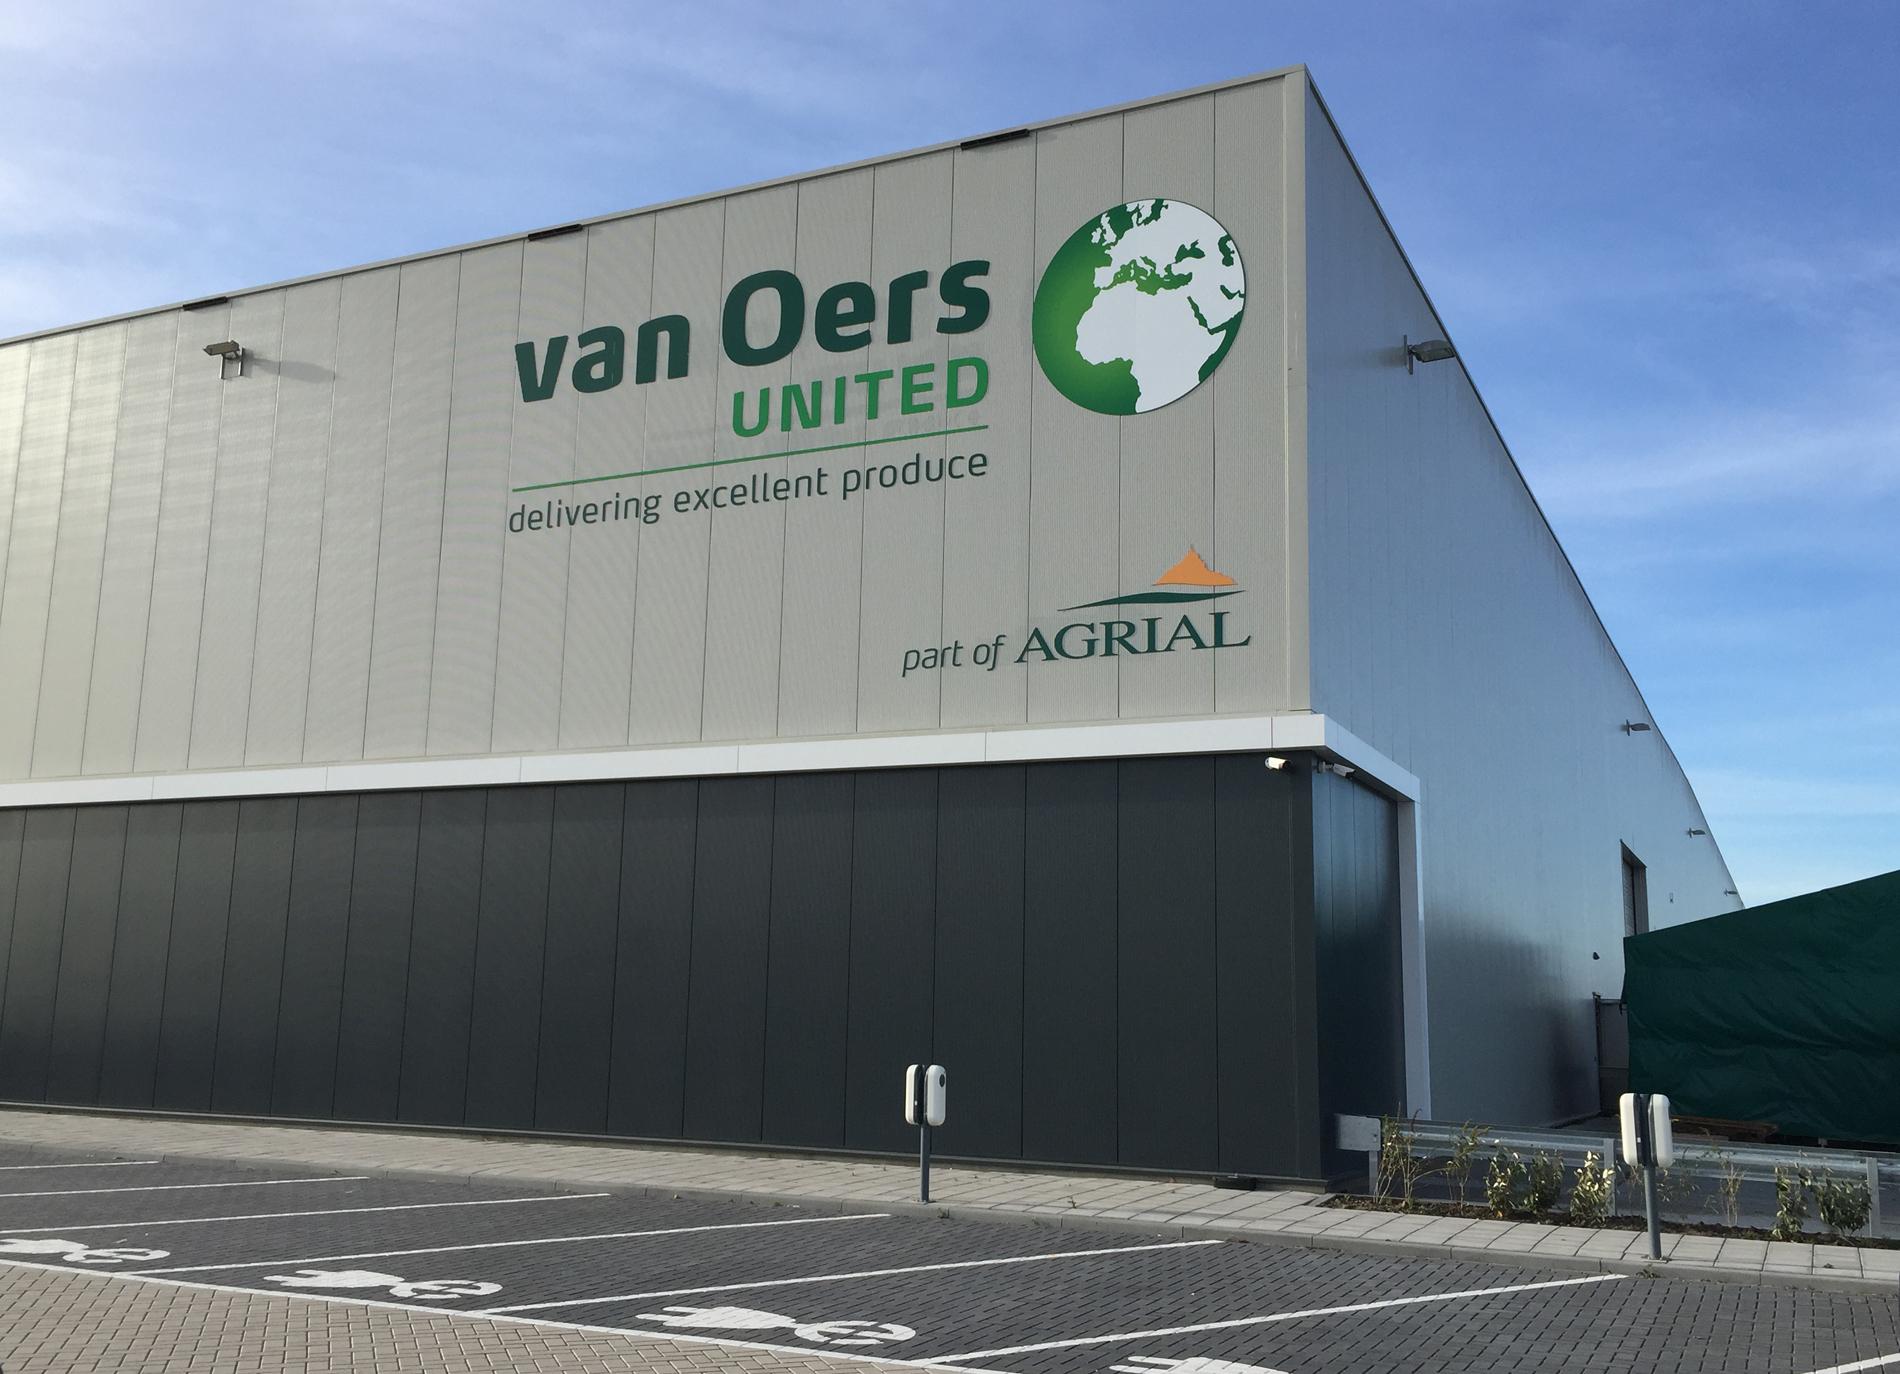 van-oers-breeam-outstanding-w4y-1